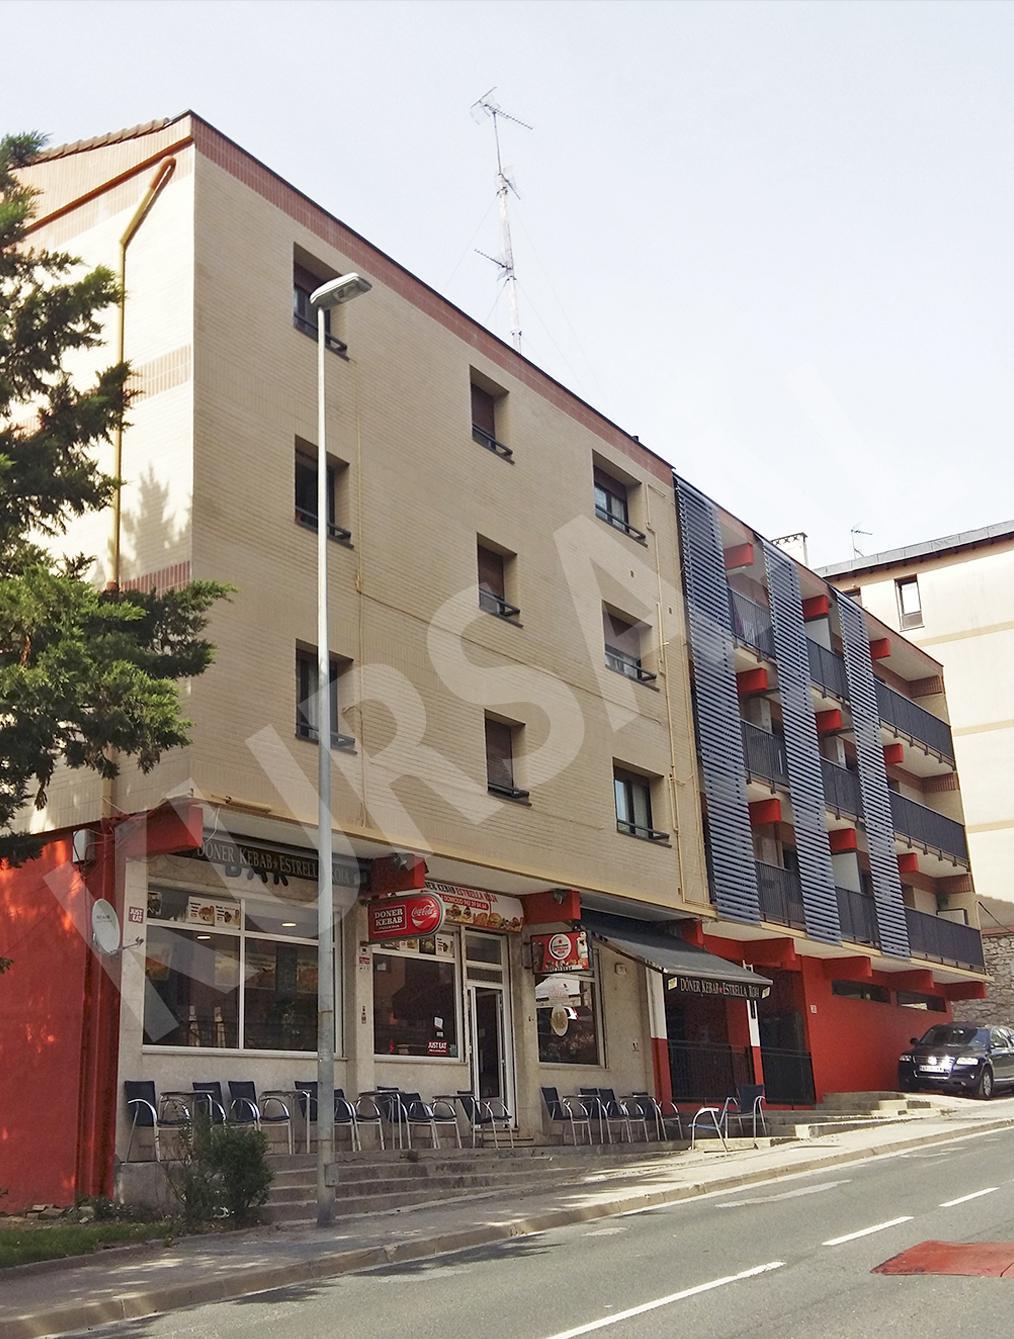 trabajo realizado en: Aislamientos Térmicos y Eficiencia Energética-SATE-DONOSTIA-Paseo de Herrera 5-7